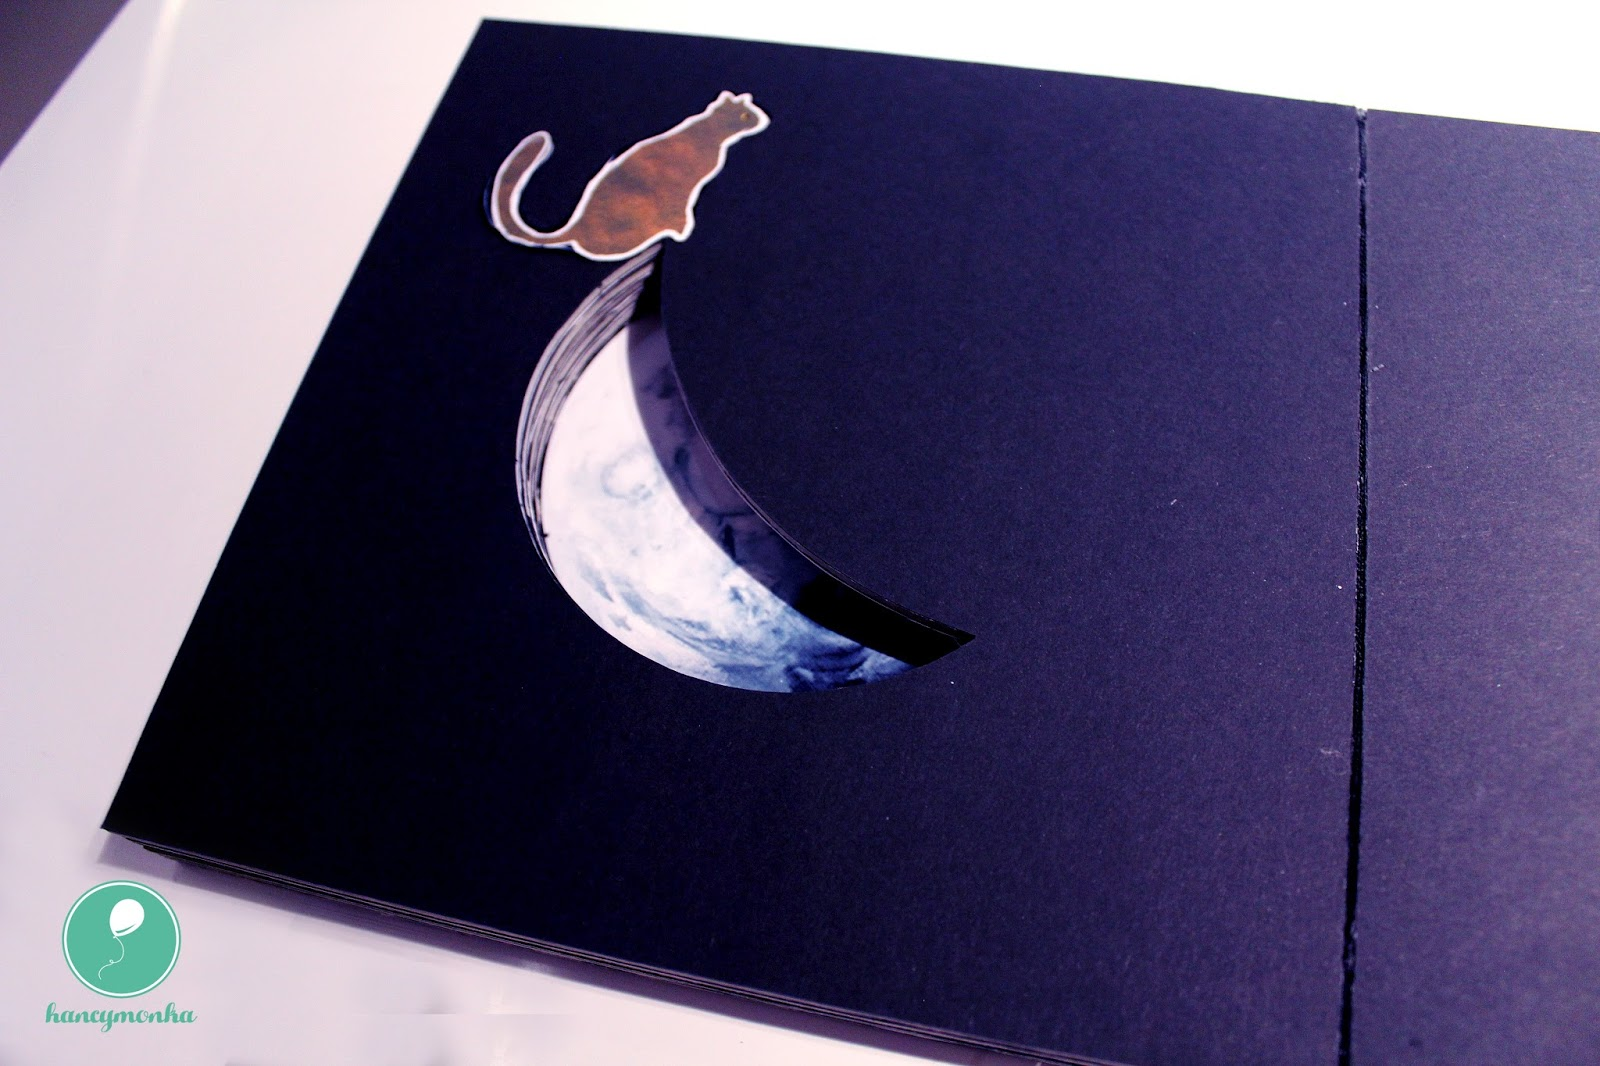 książka dobrze zaprojektowana zacnzijmy od dzieci, Katowice, Rondo Sztuki, wystawa